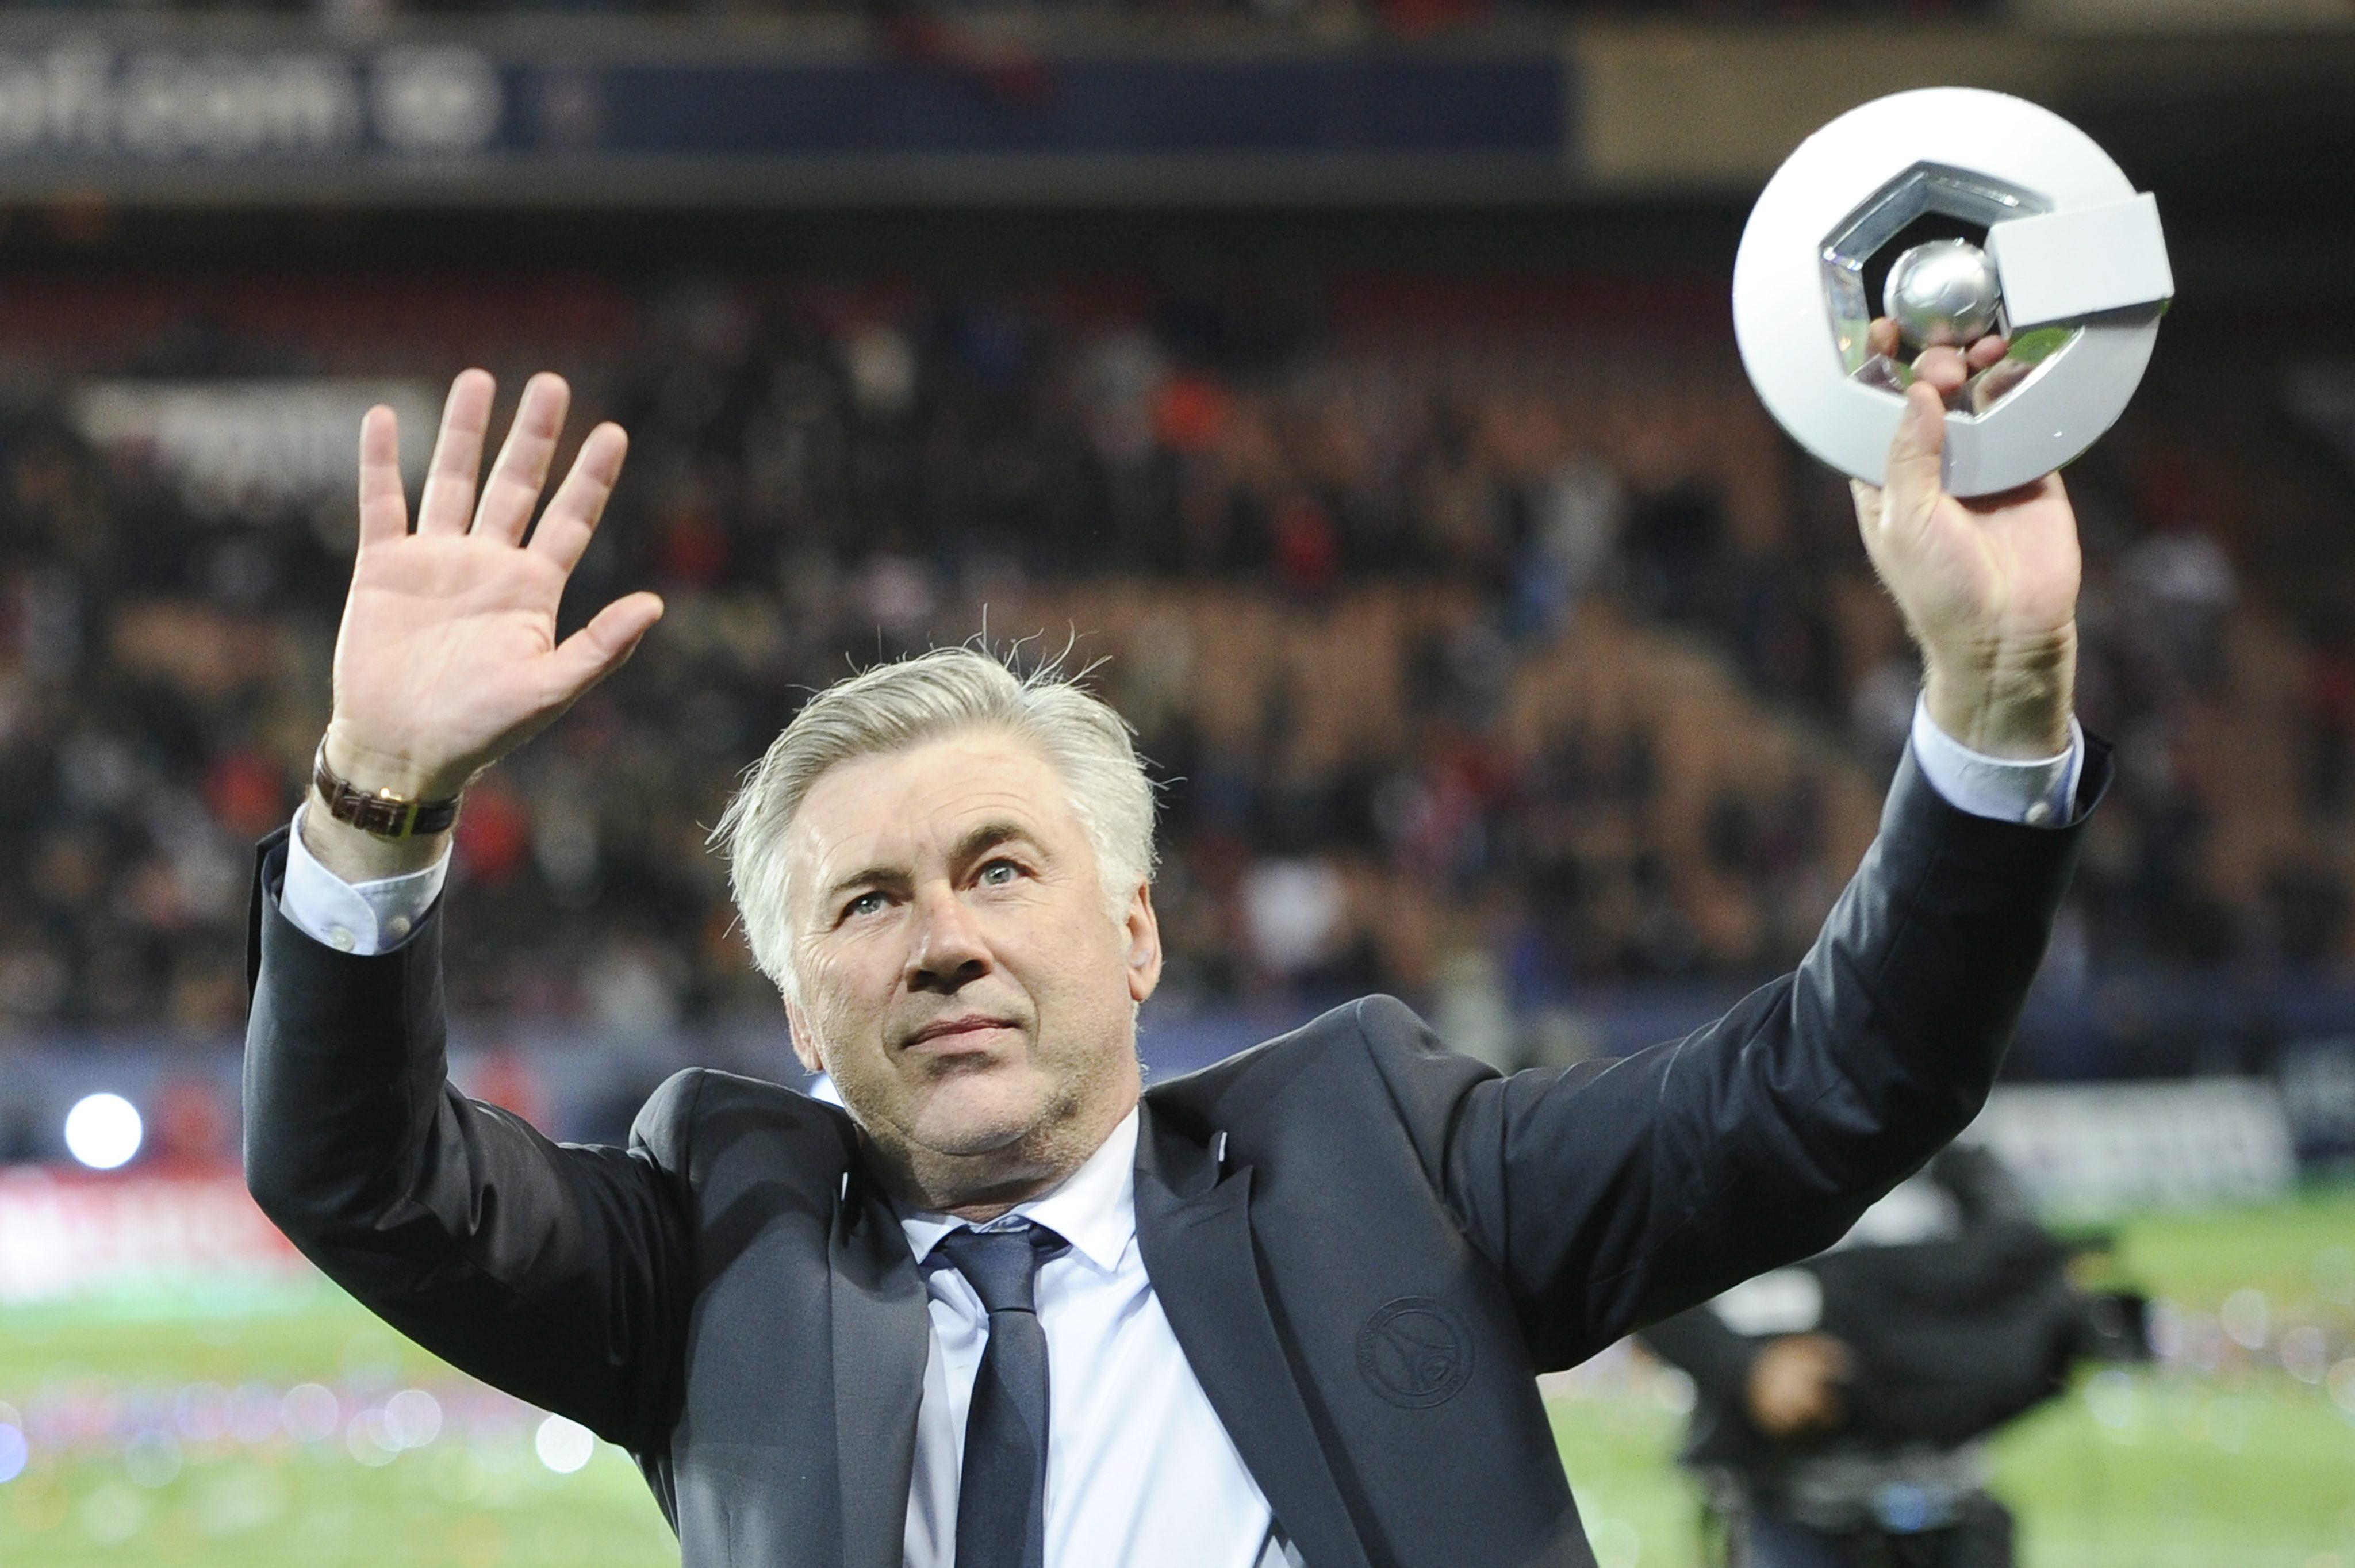 El PSG arrancará la Liga 2013/14 en Montpellier